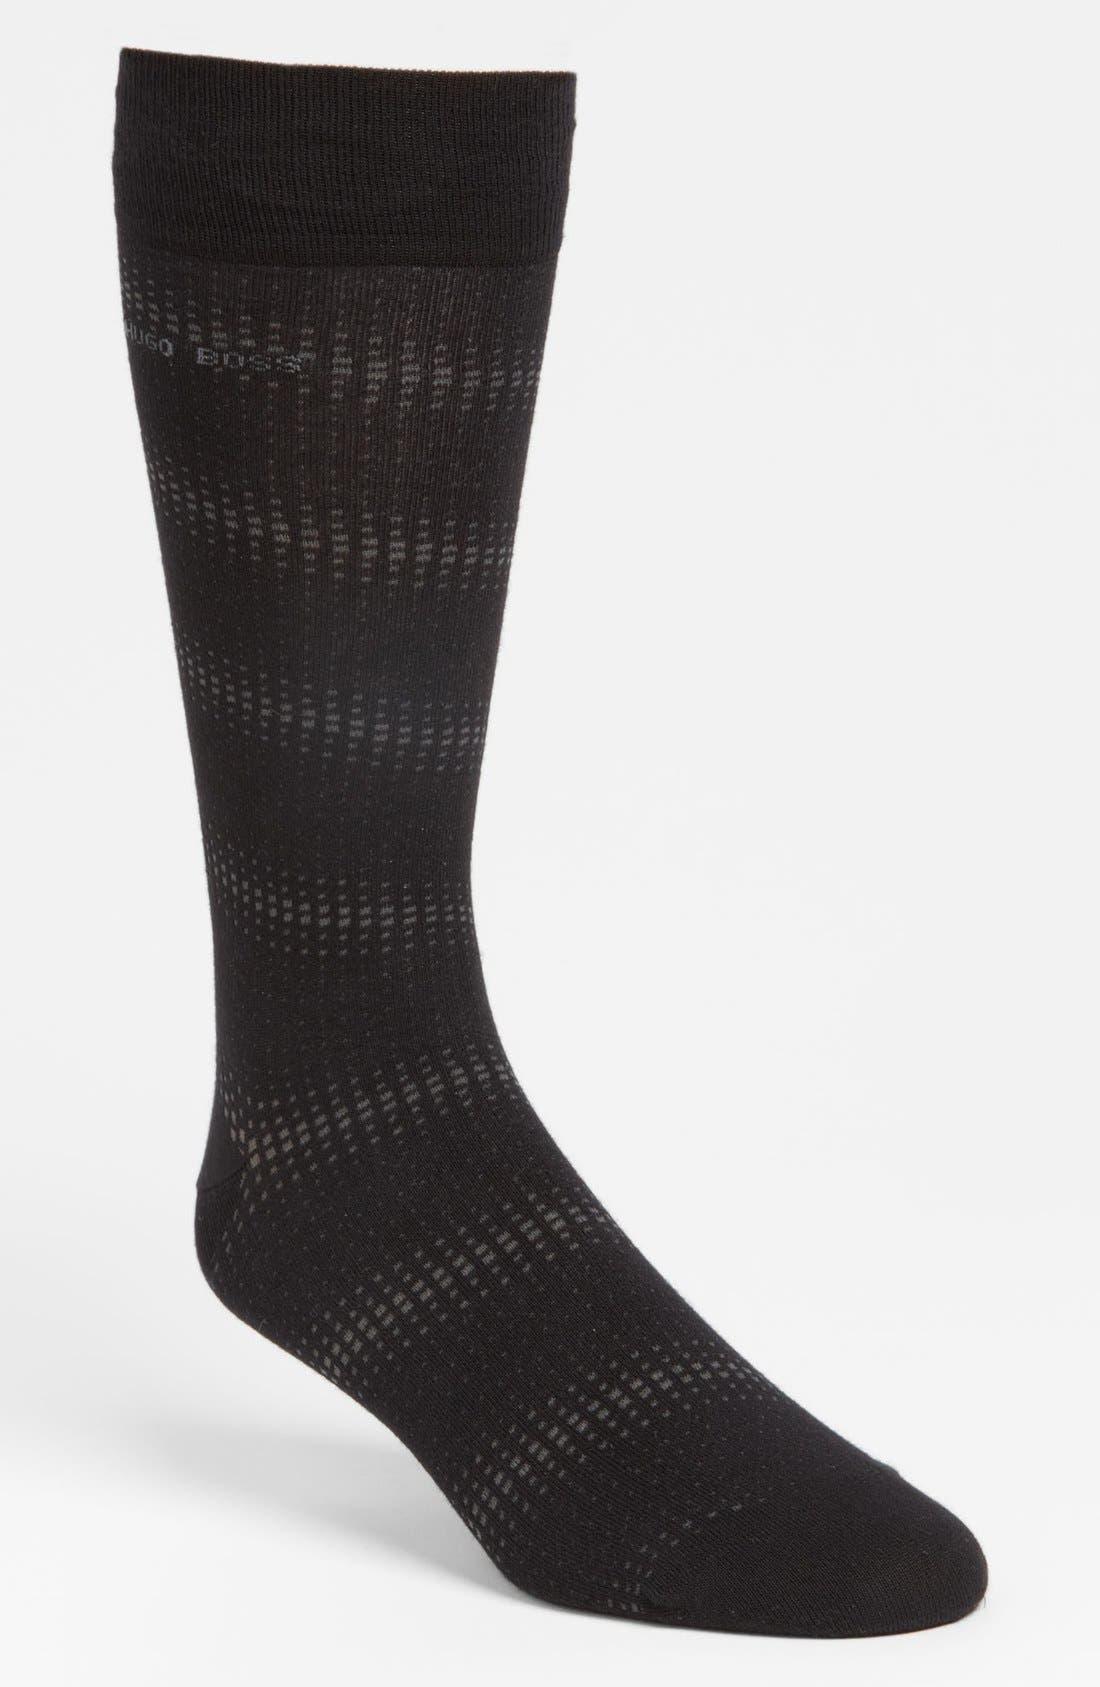 Alternate Image 1 Selected - BOSS Black Cotton Blend Socks